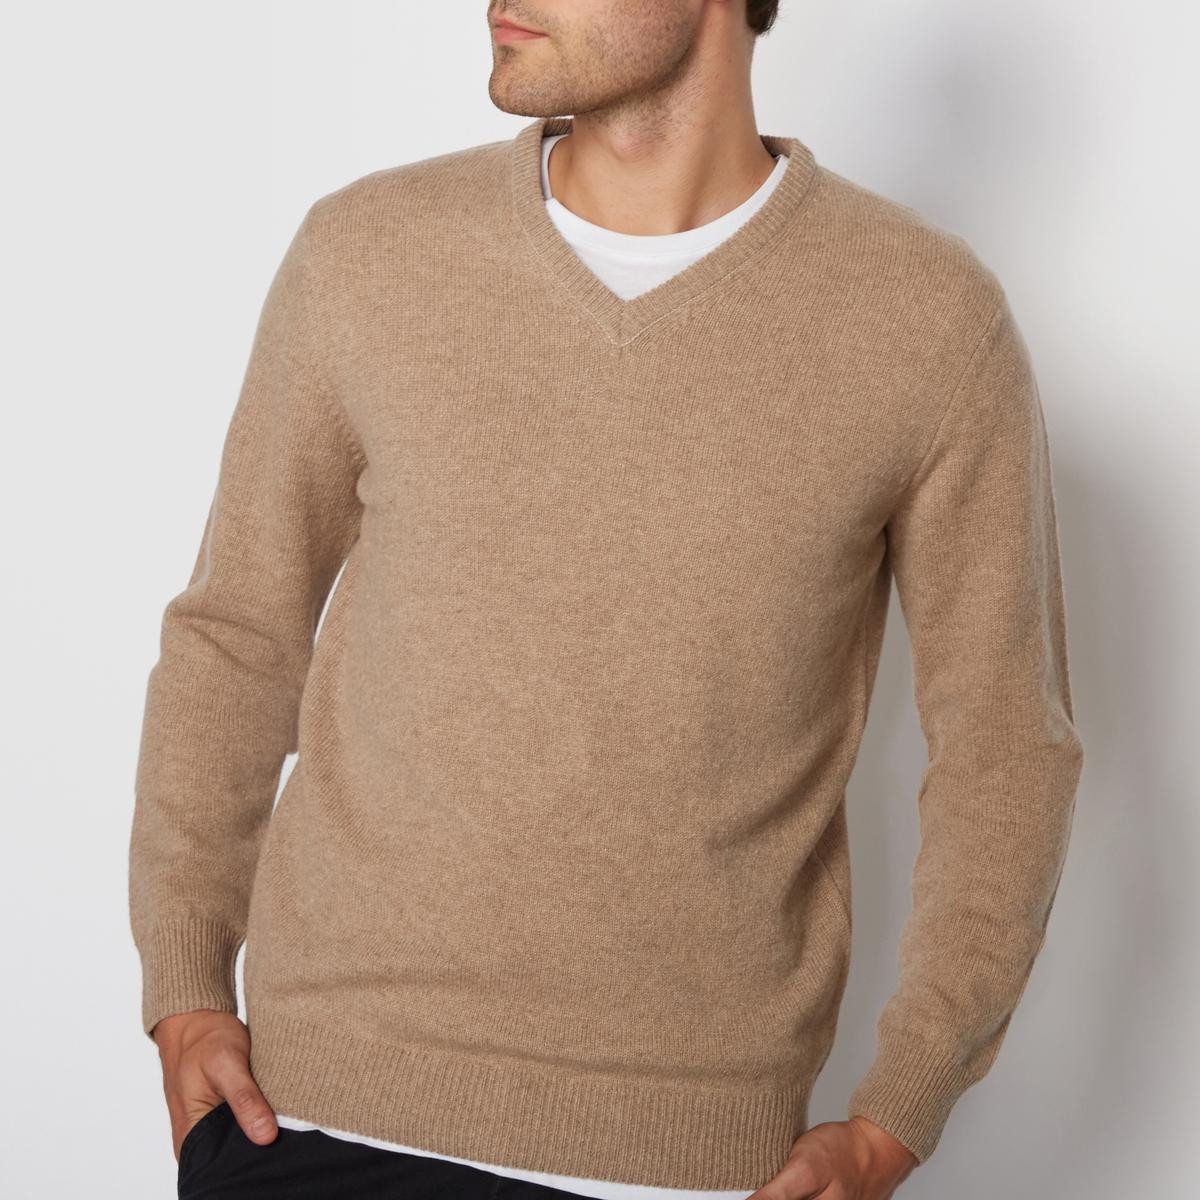 Пуловер с V-образным вырезом,  100% овечьей шерстиПуловер с V-образным вырезом,  100% овечьей шерсти. V-образный вырез. Длинные рукава. Отделка рубчиком выреза, манжет и низа. Длина 68 см.                   Подробное описание:          Состав и детали         Материал : 100% овечьей шерсти          Марка : R essentiel.<br><br>Цвет: Зеленый хаки меланж,Красный темно-бордовый,темно-бежевый меланж<br>Размер: 3XL.XXL